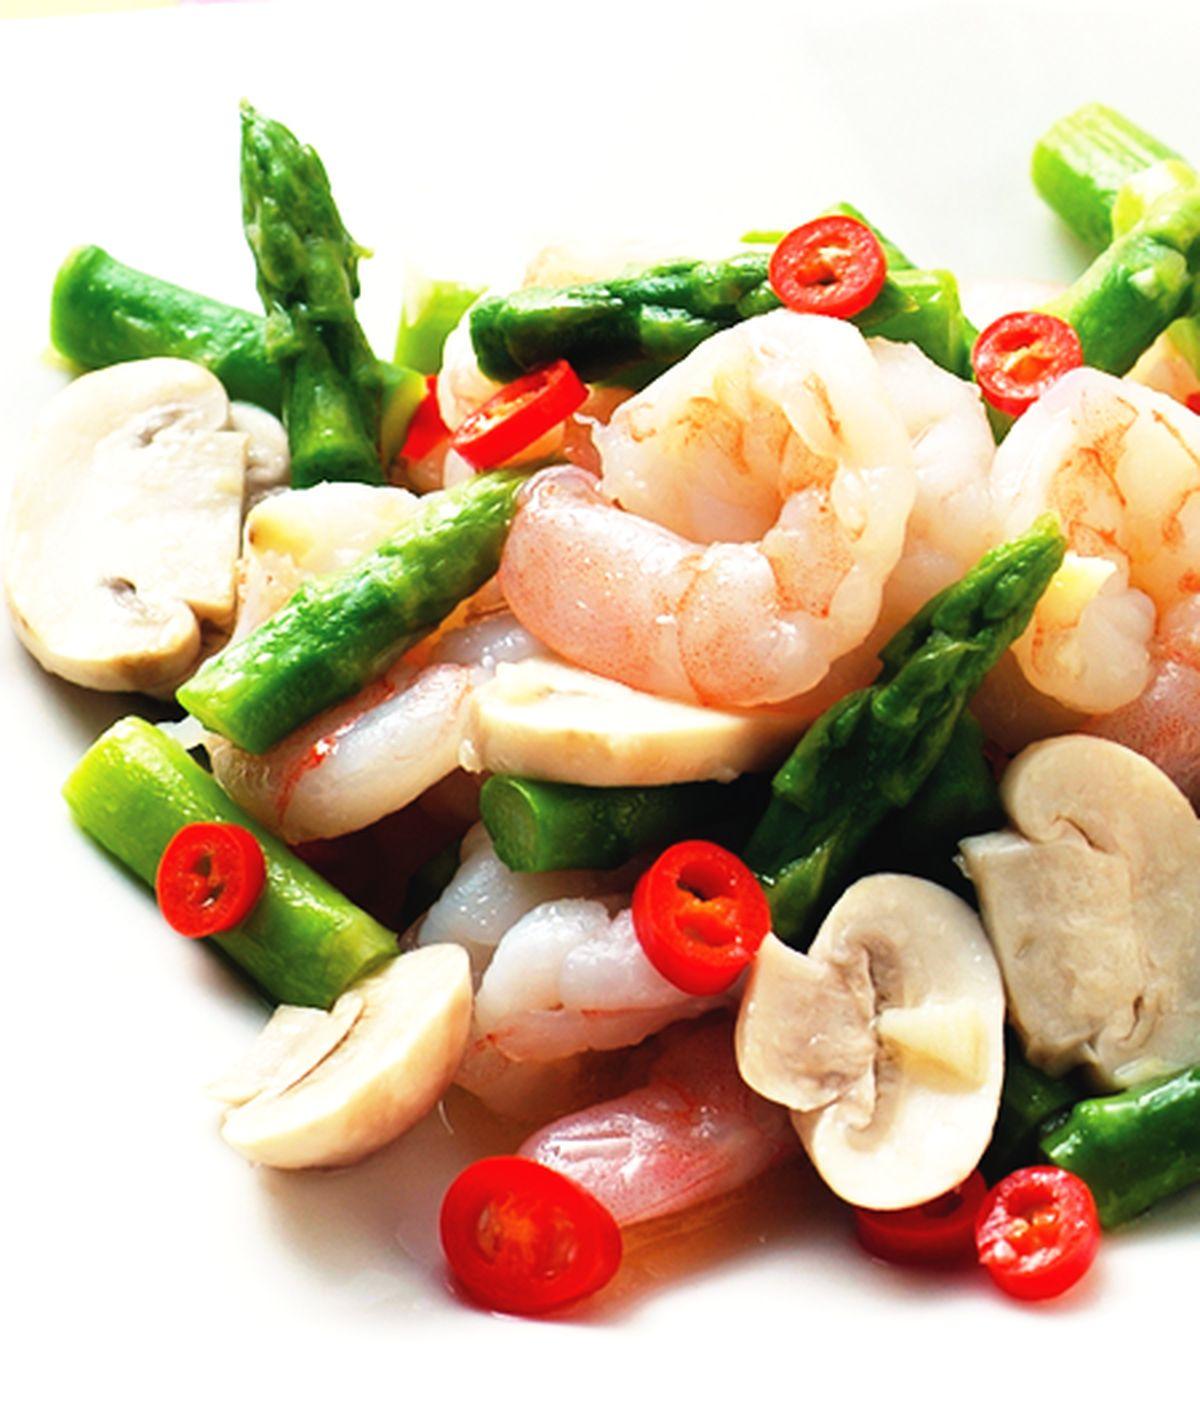 食譜:清炒蘆筍蝦仁